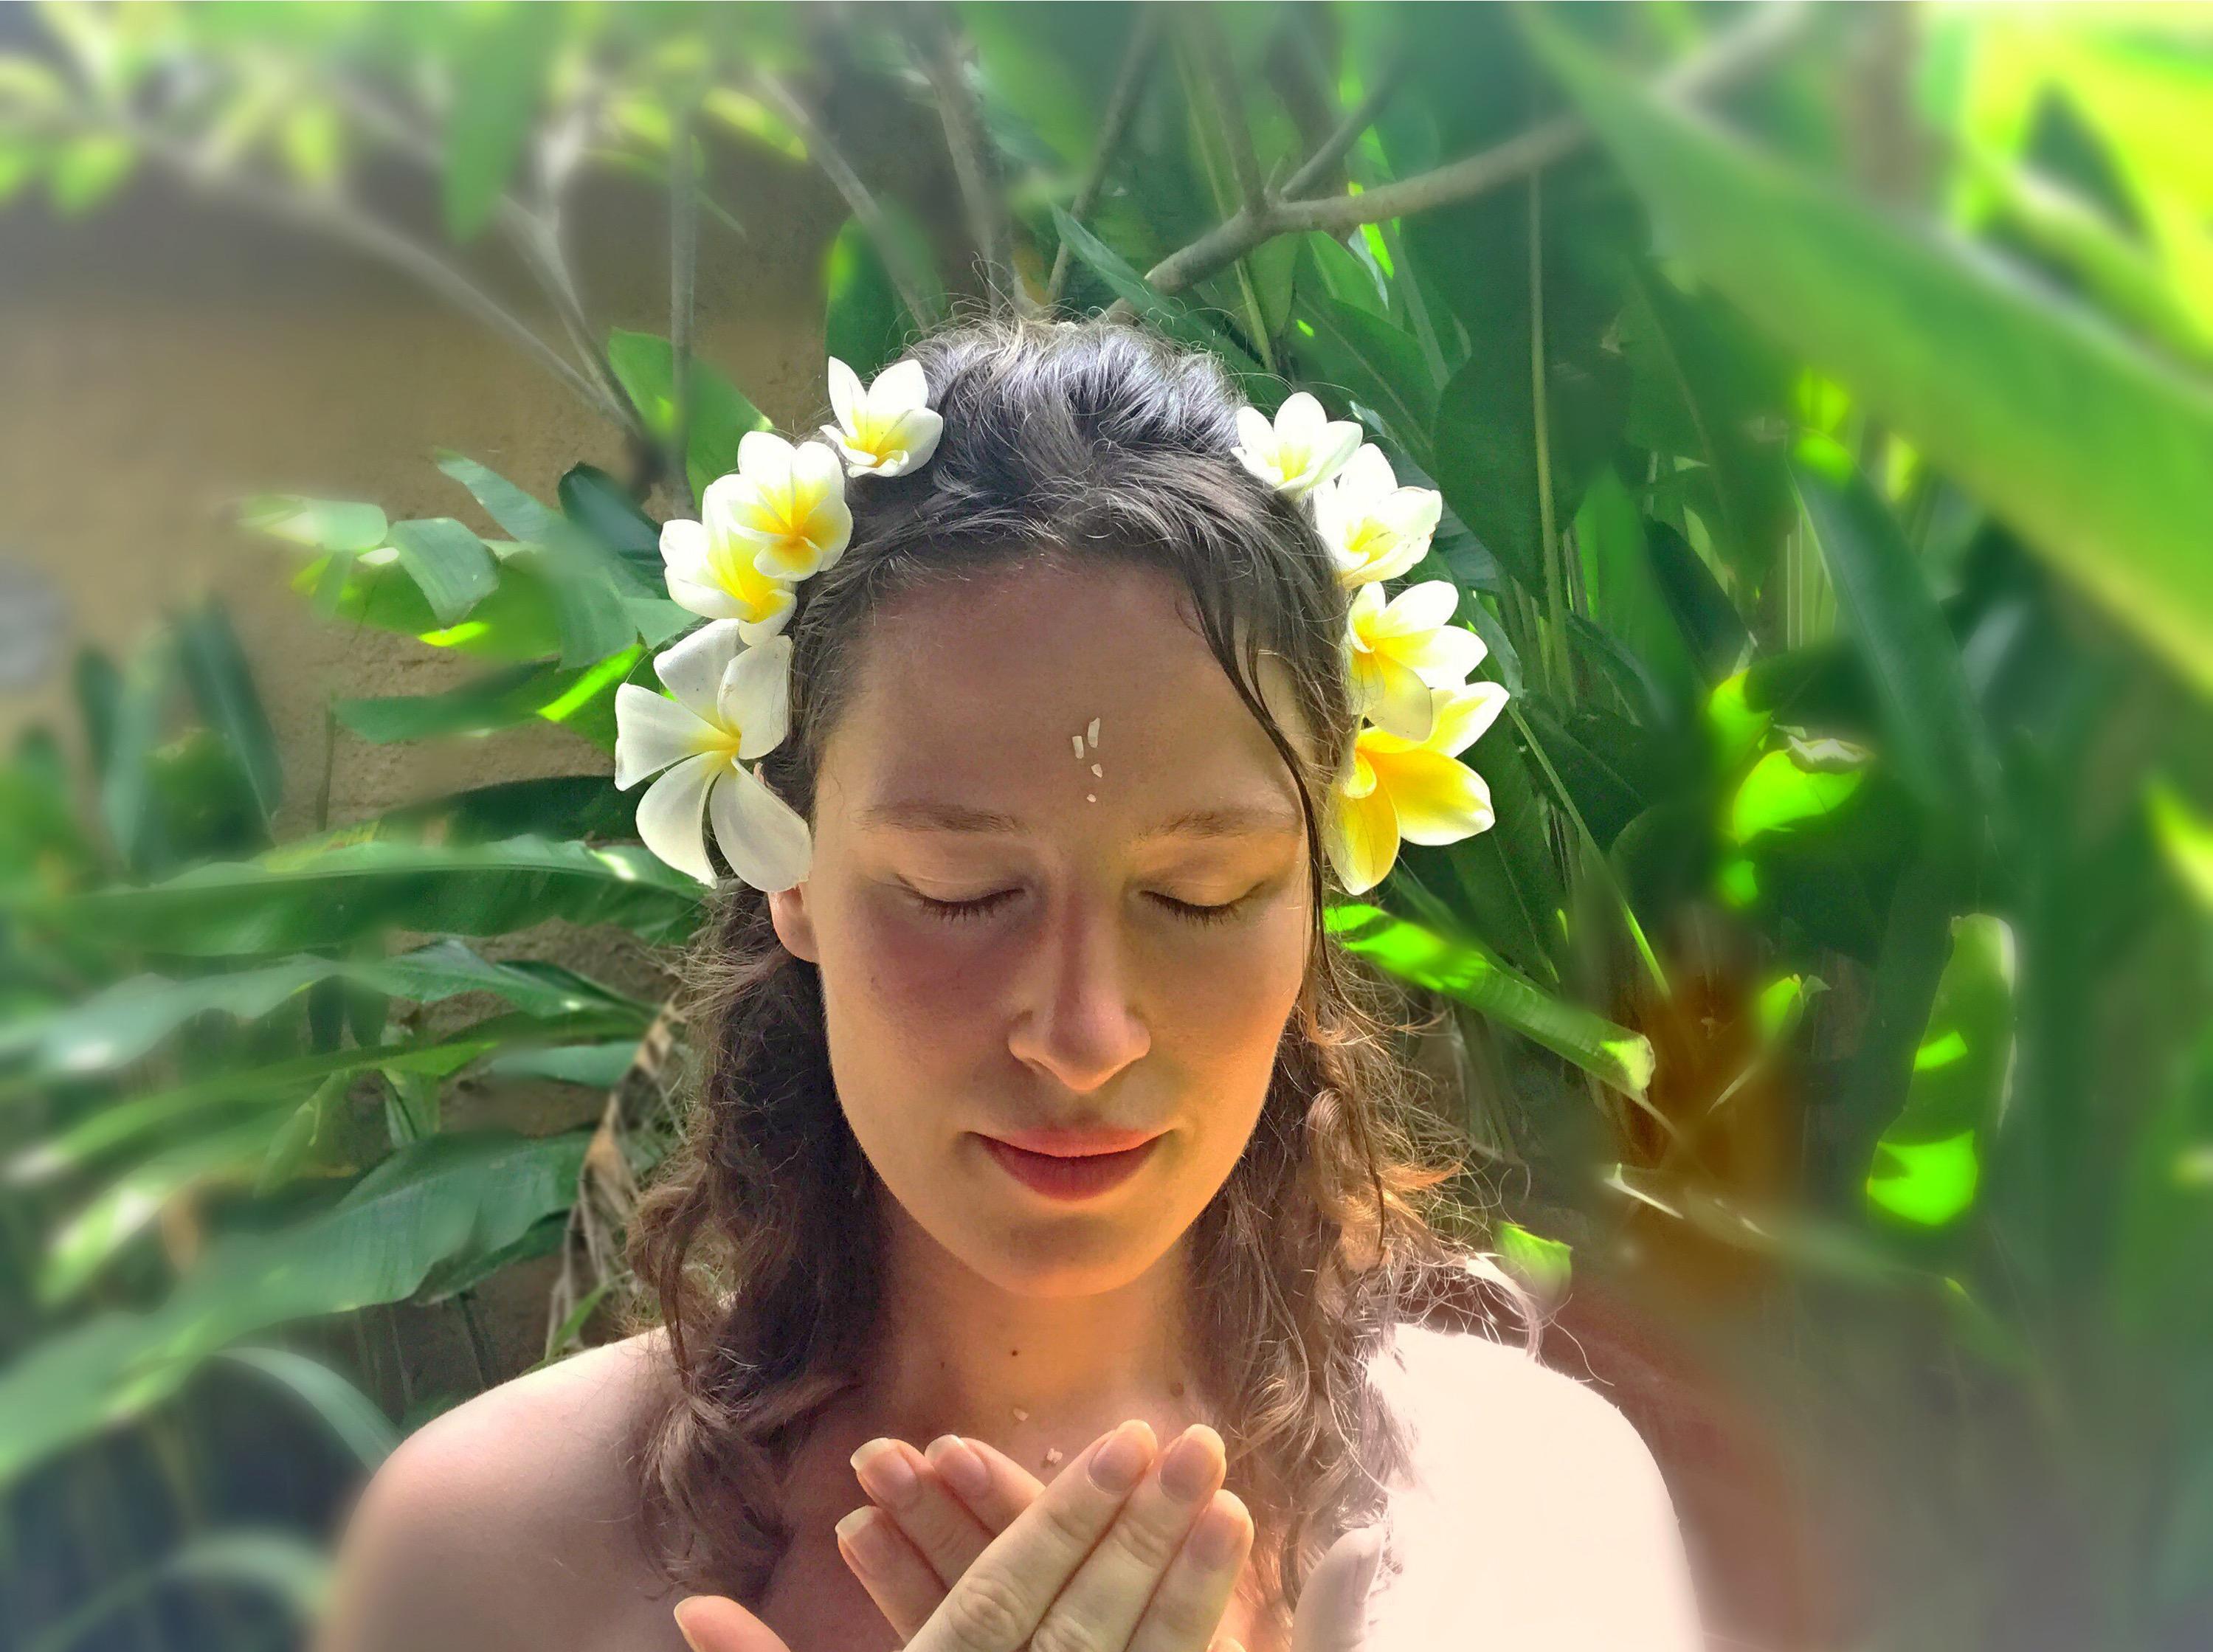 Jepun ritual Bali 1_edited